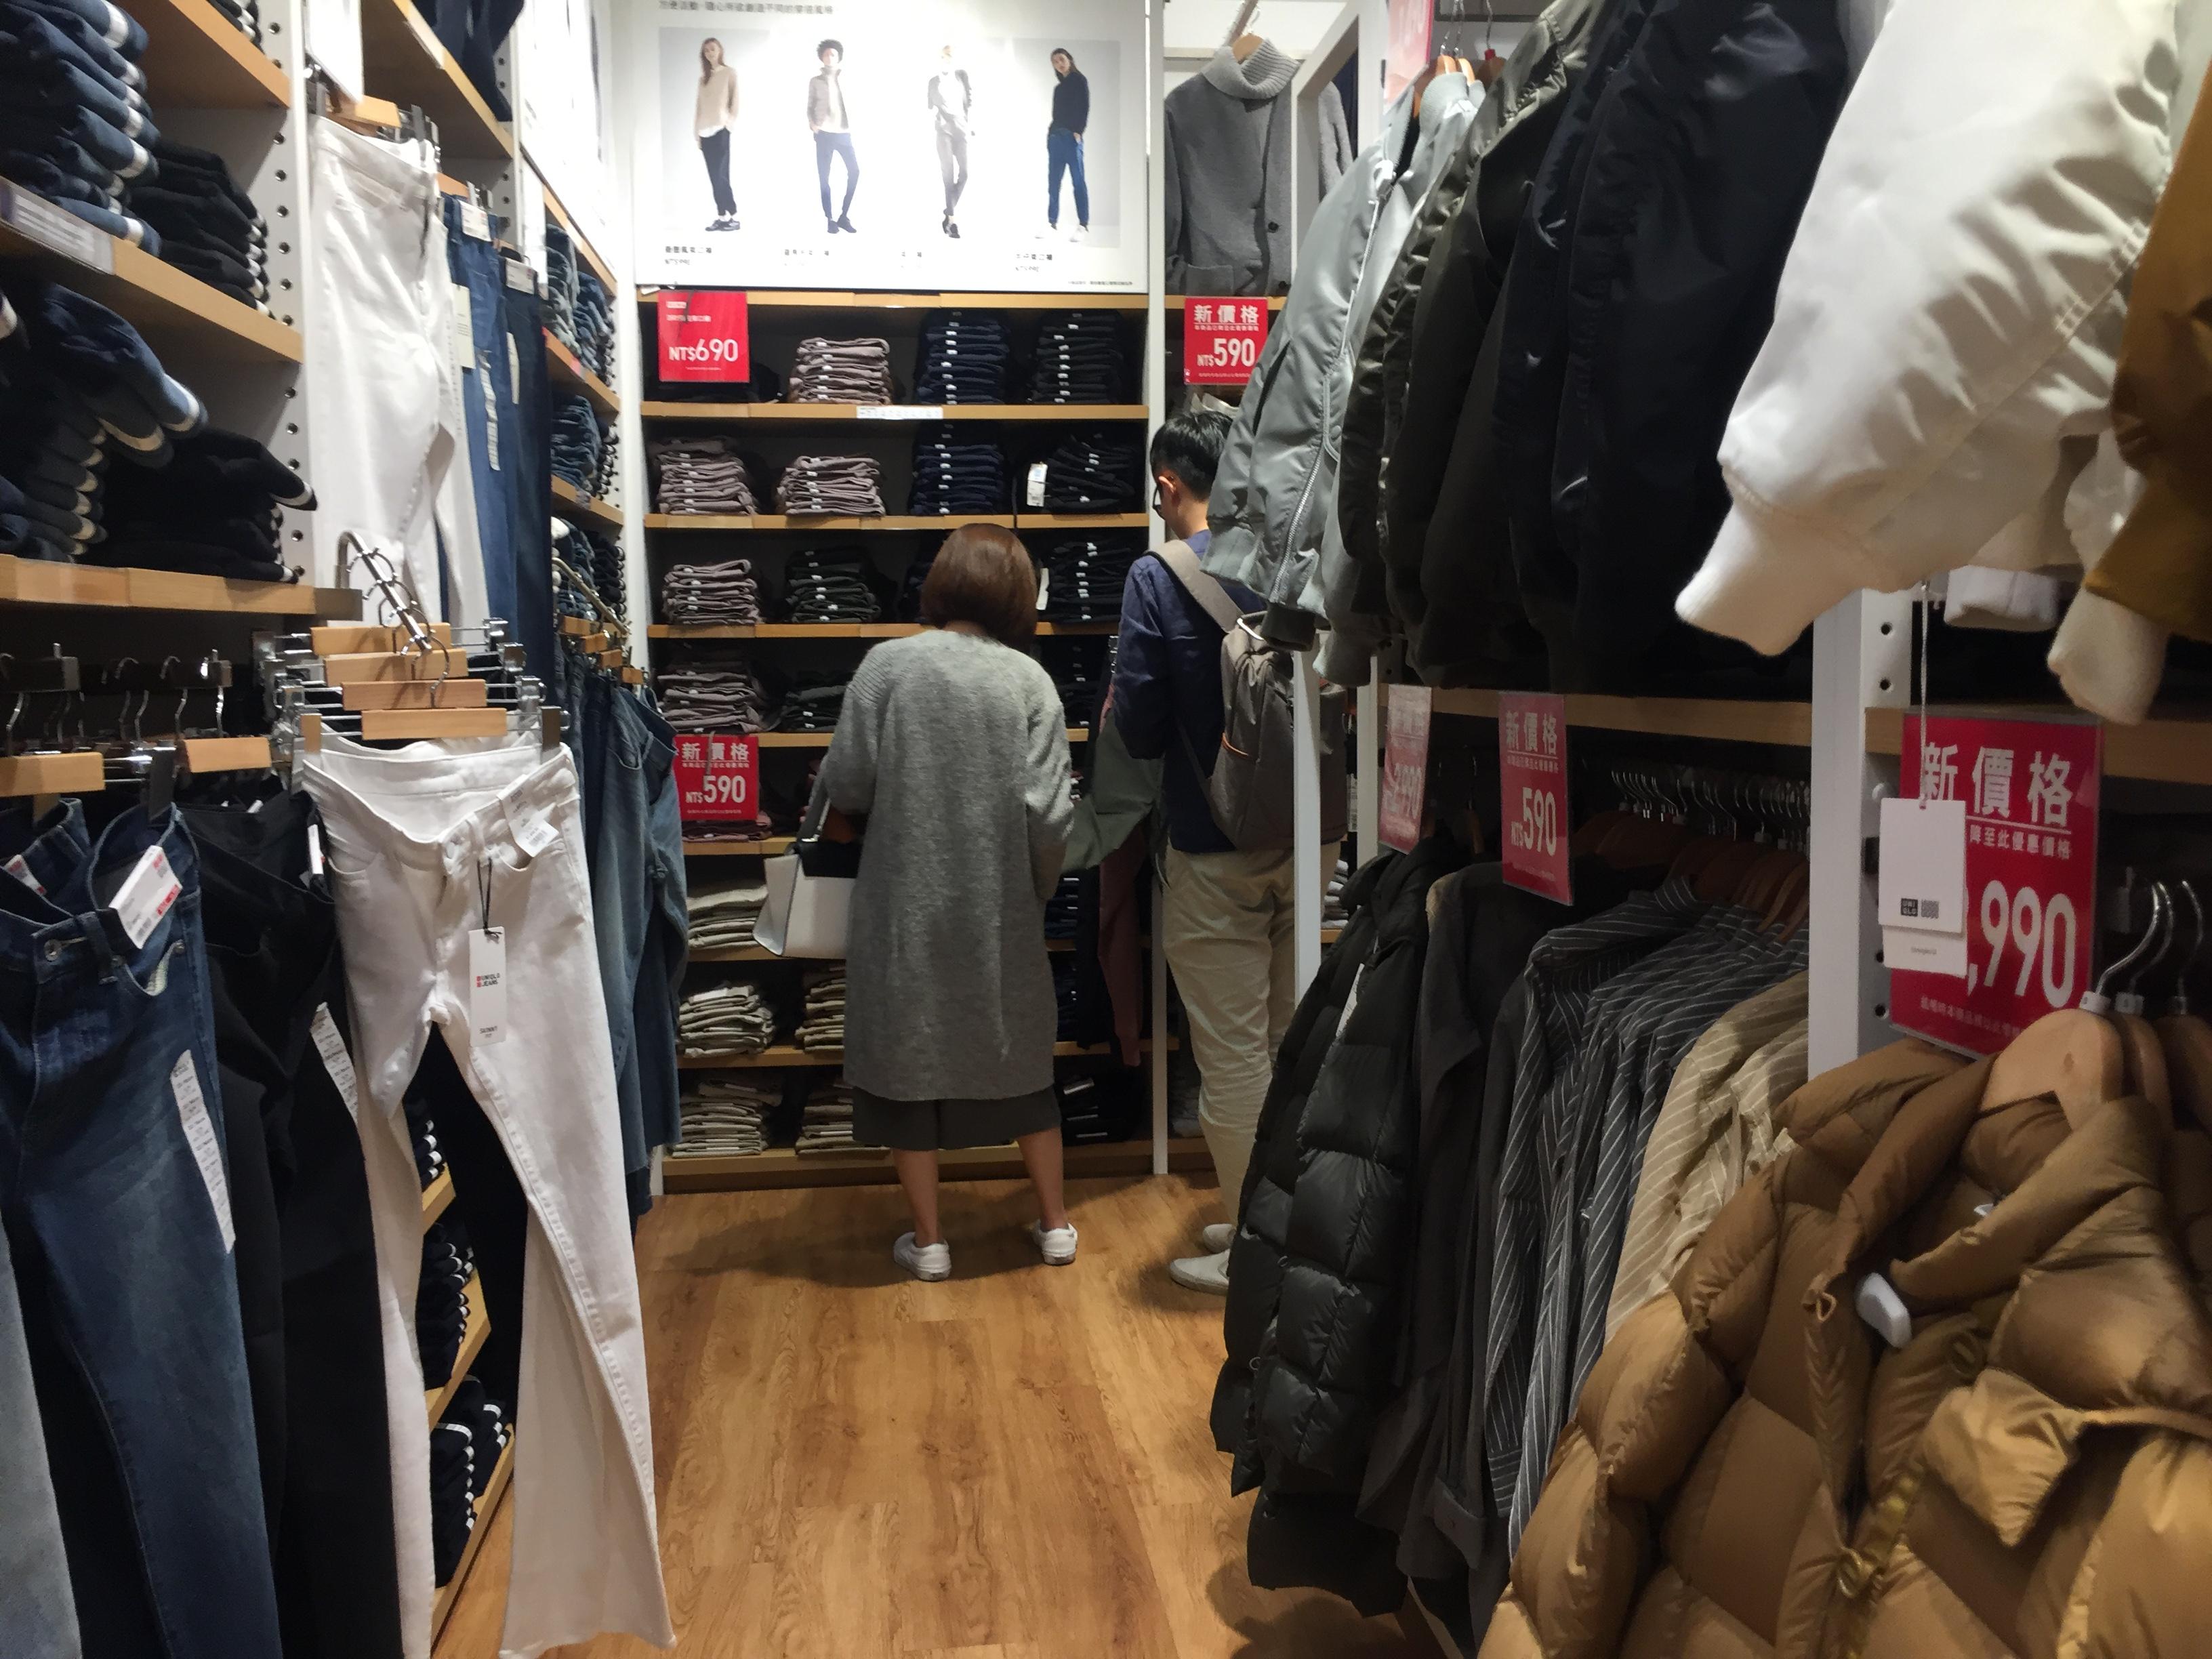 冬天將至,民眾選購禦寒衣物。攝影/謝明晏。